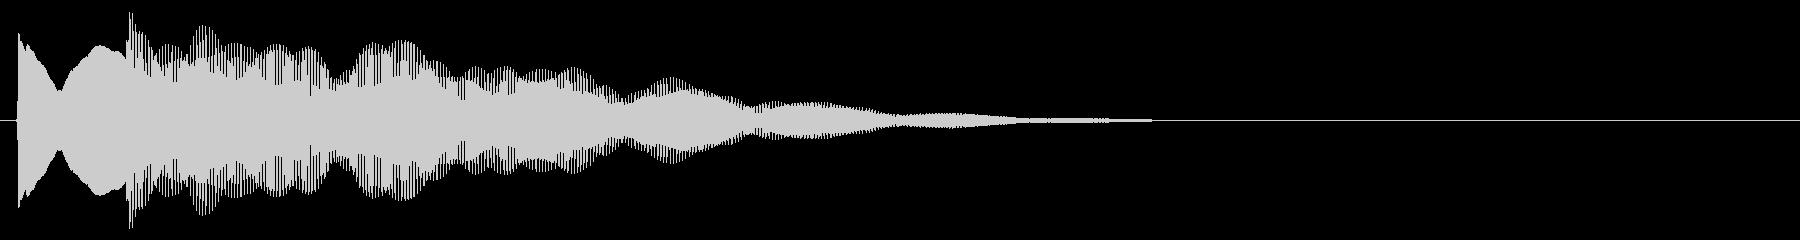 マレット系 キャンセル音4(小)の未再生の波形